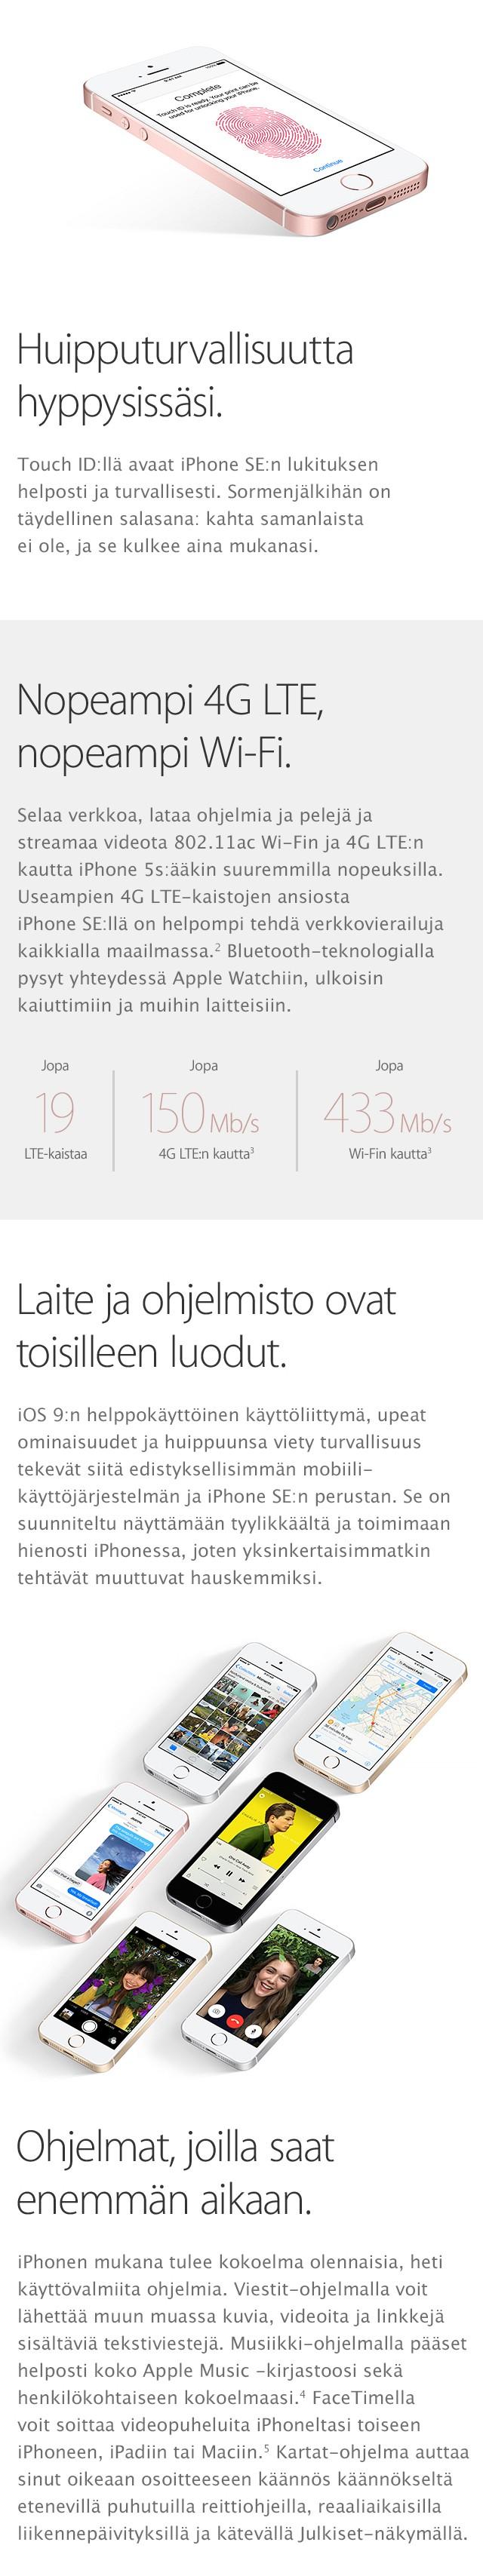 ICloud : iCloud.com-palvelun käyttäminen